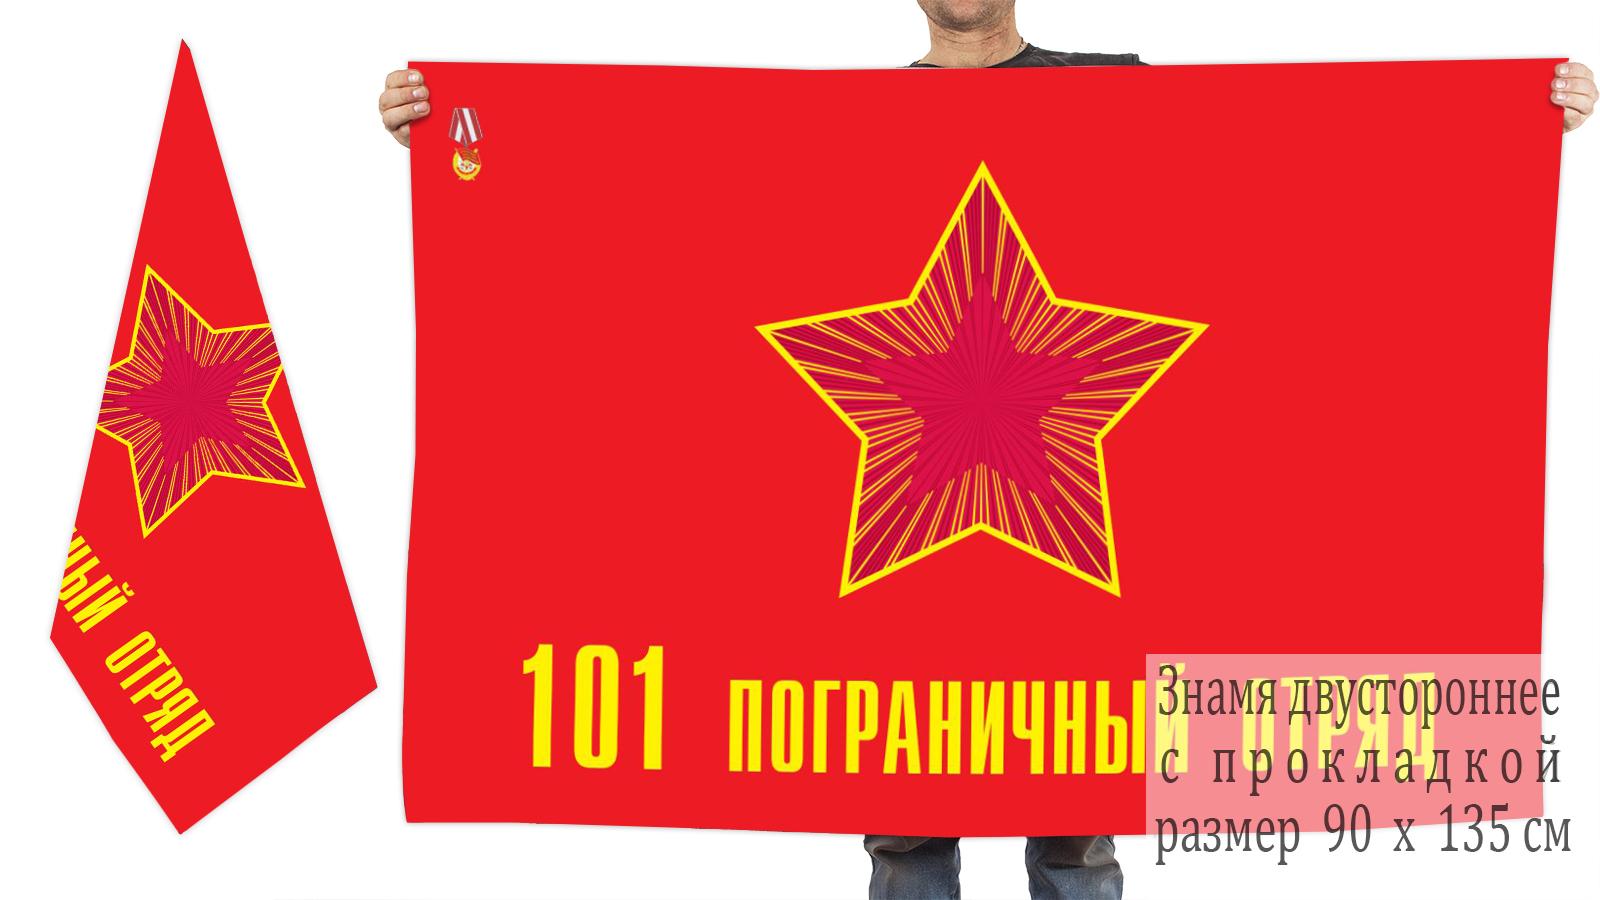 Двусторонний флаг 101 погранотряда войск НКВД